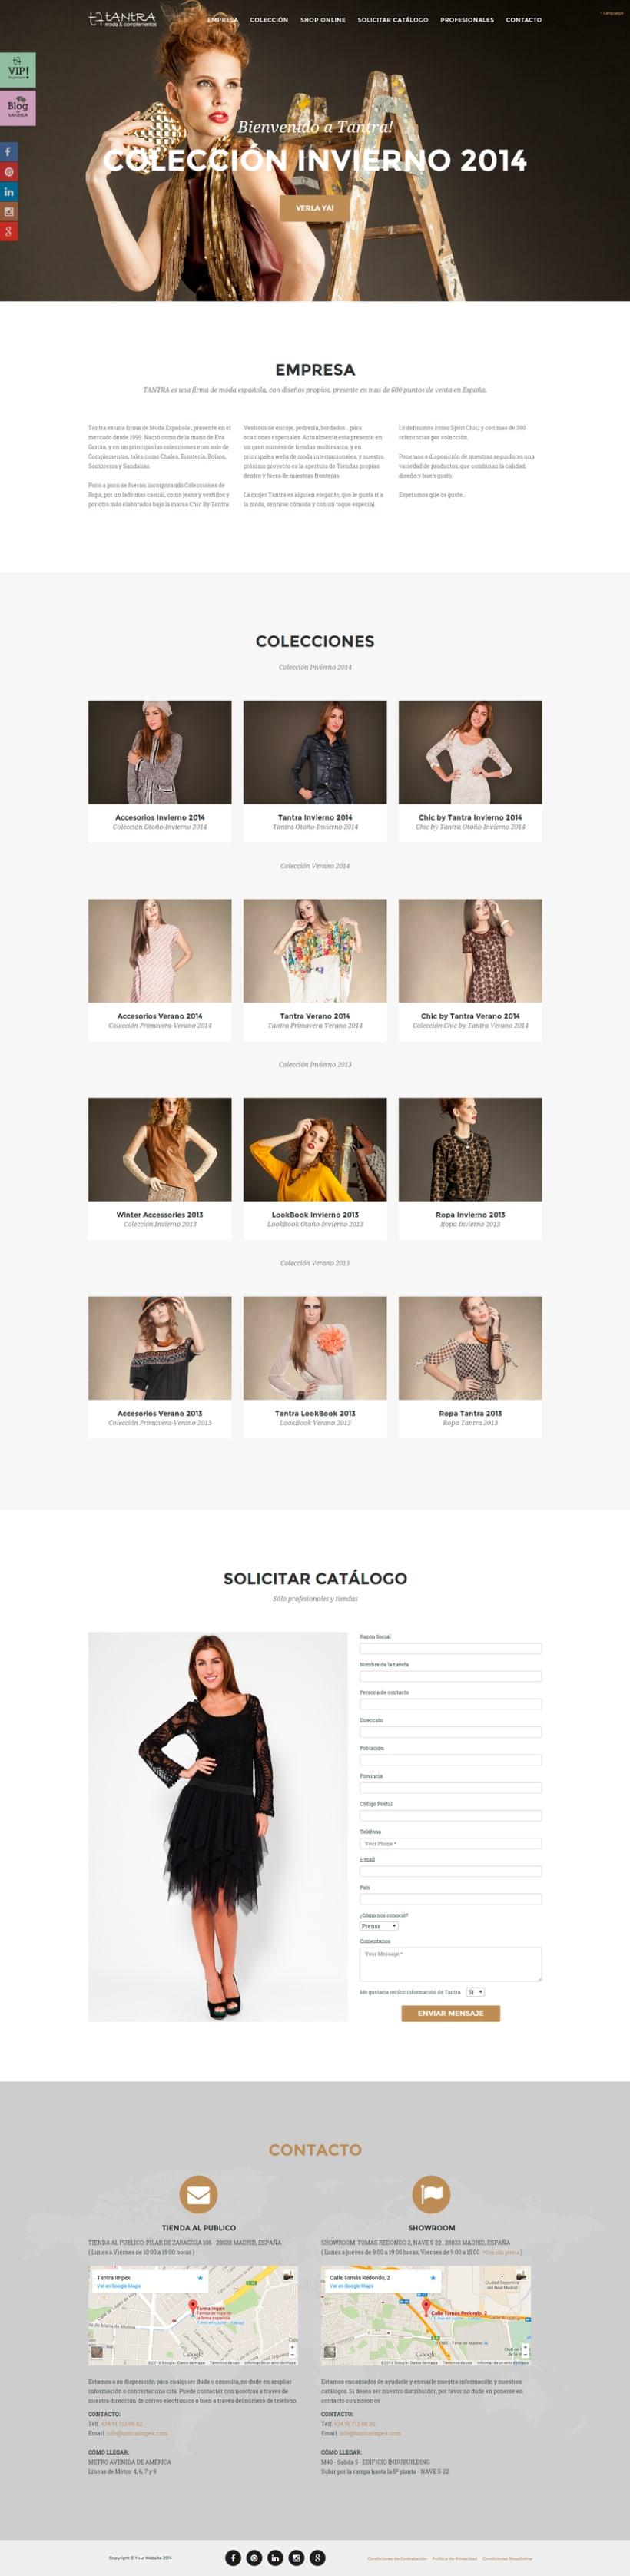 Tantra | Moda & complementos 2